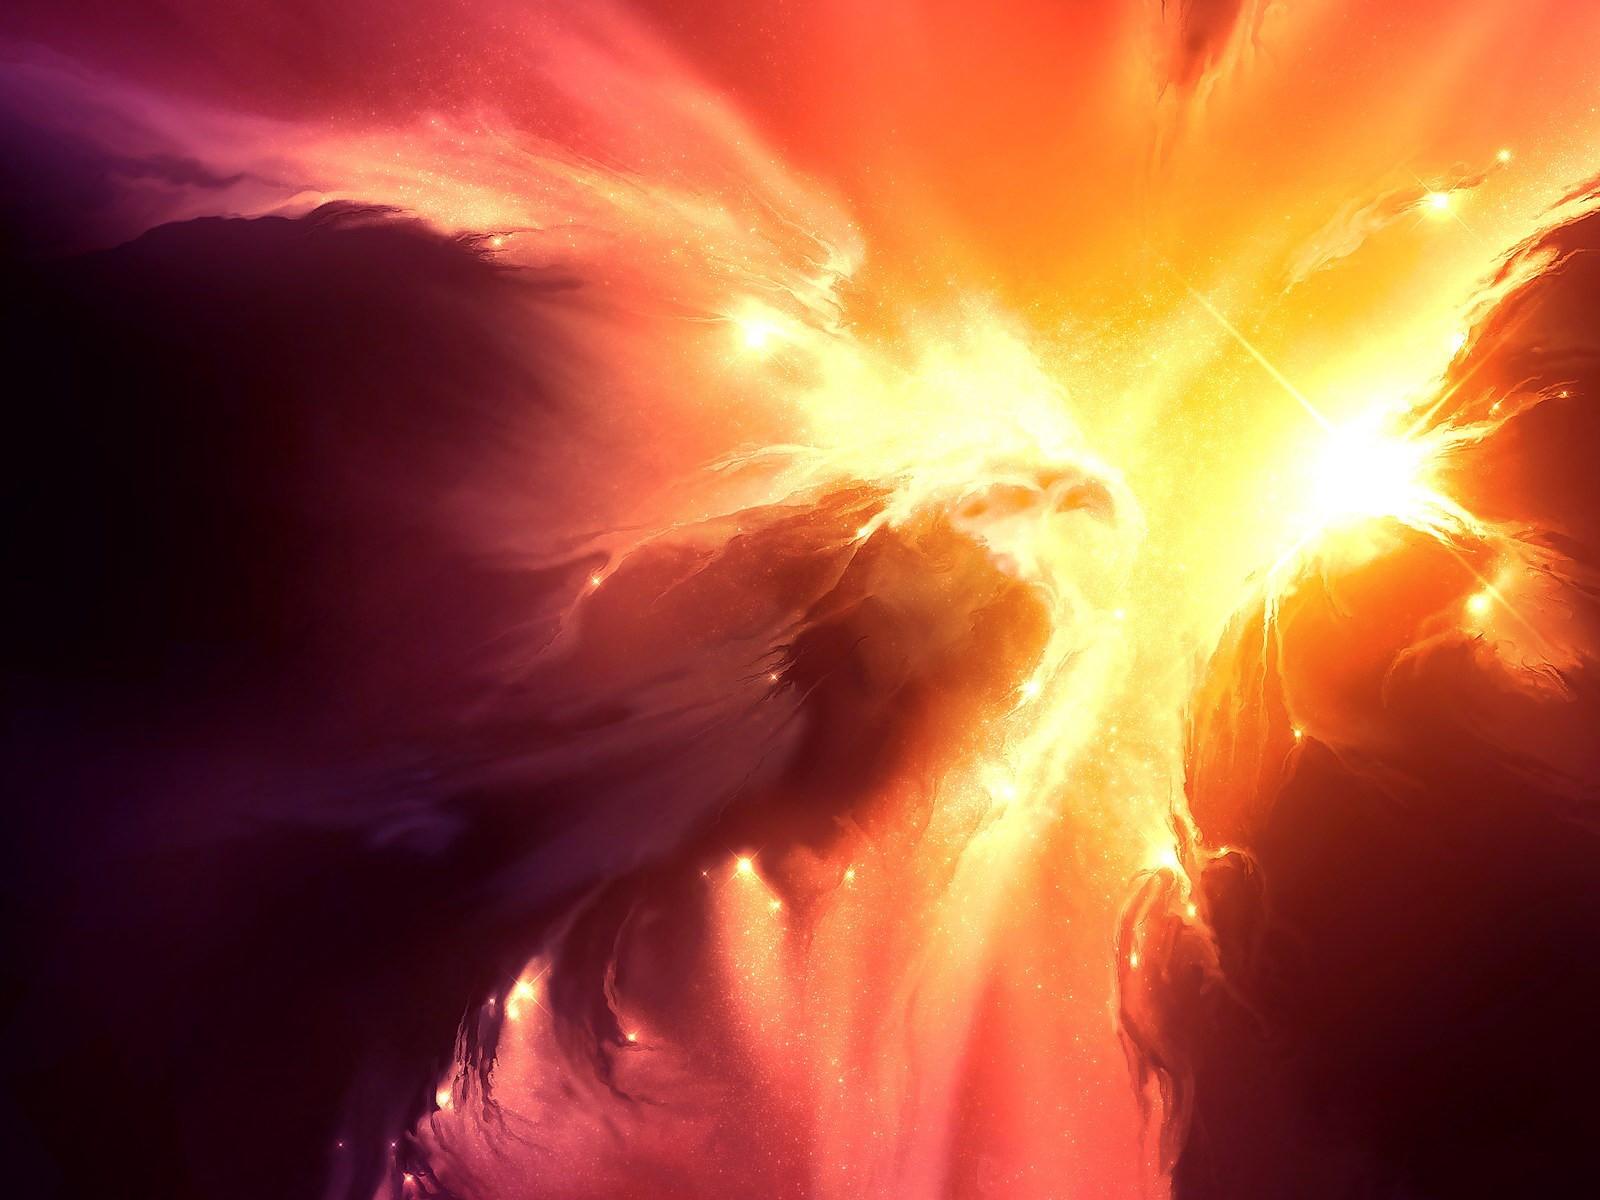 как-то картинки пламенного света привлекают мощные компактные